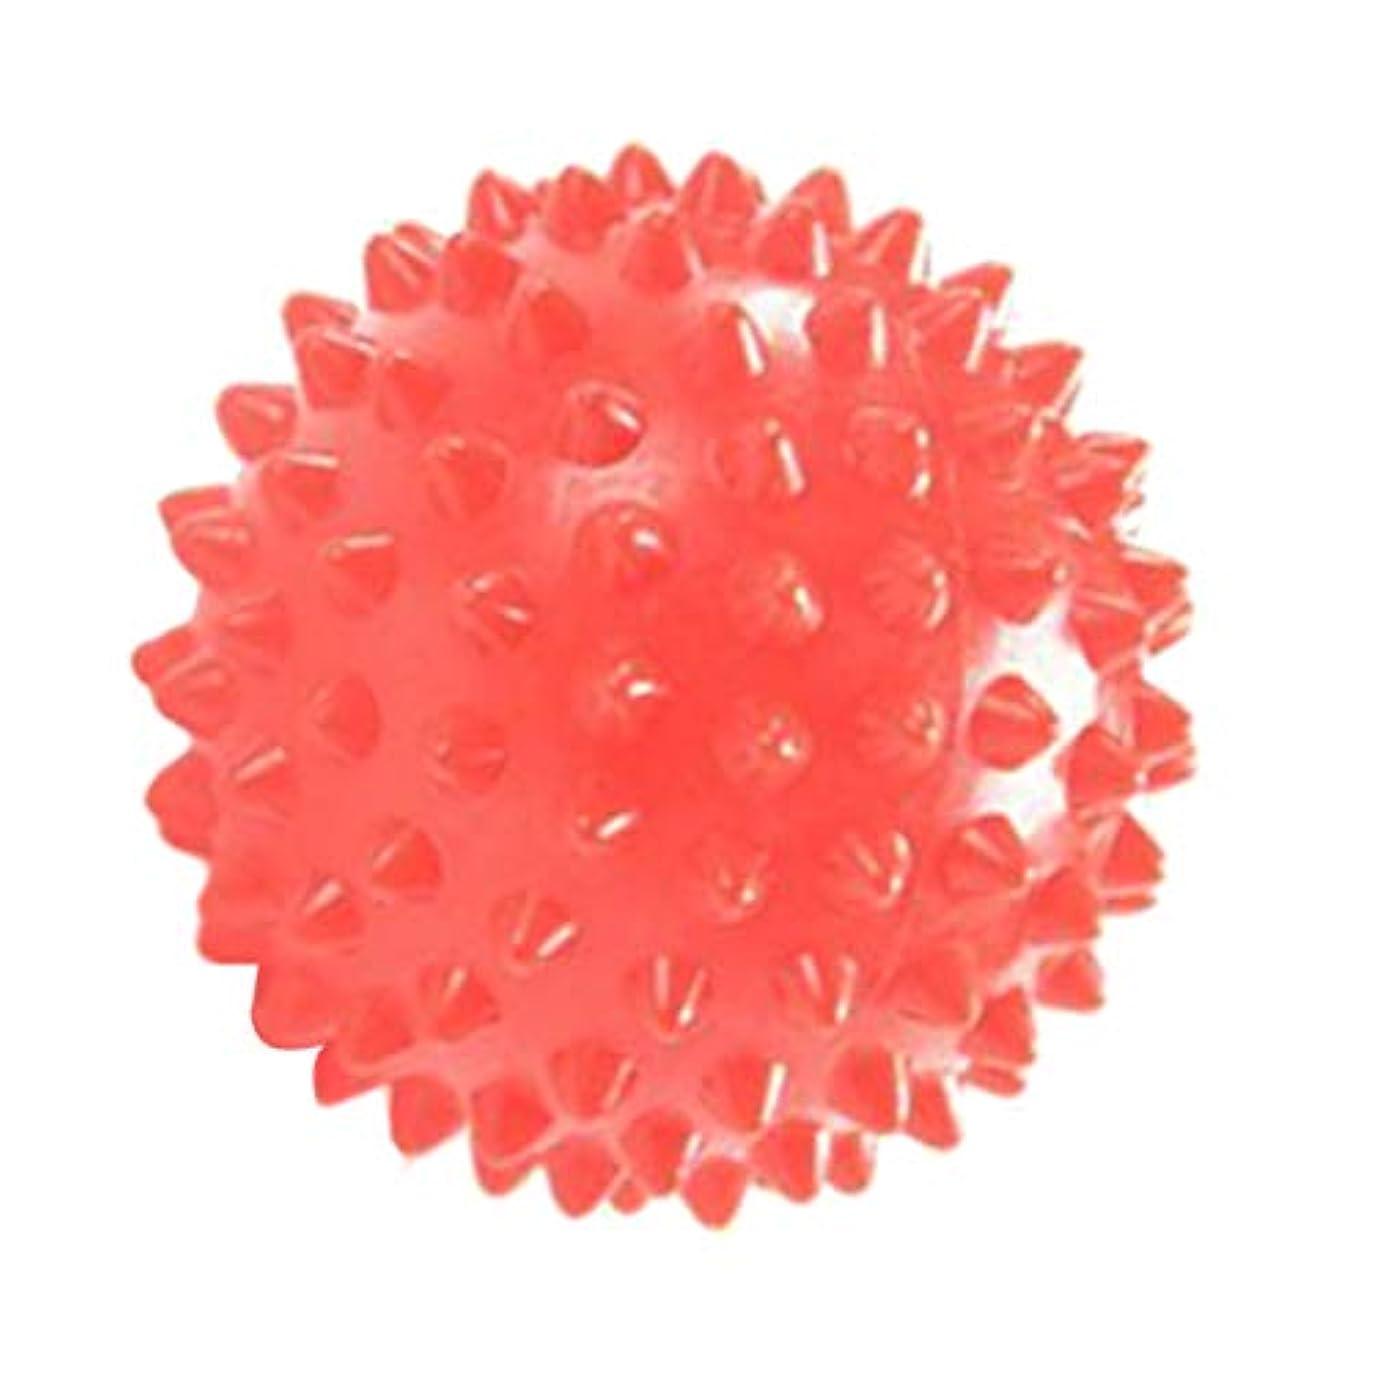 経験者キリマンジャロ露出度の高いsharprepublic 指圧マッサージボール ローラーボール マッサージローラー トリガーポイント 疲労軽減 痛み緩和